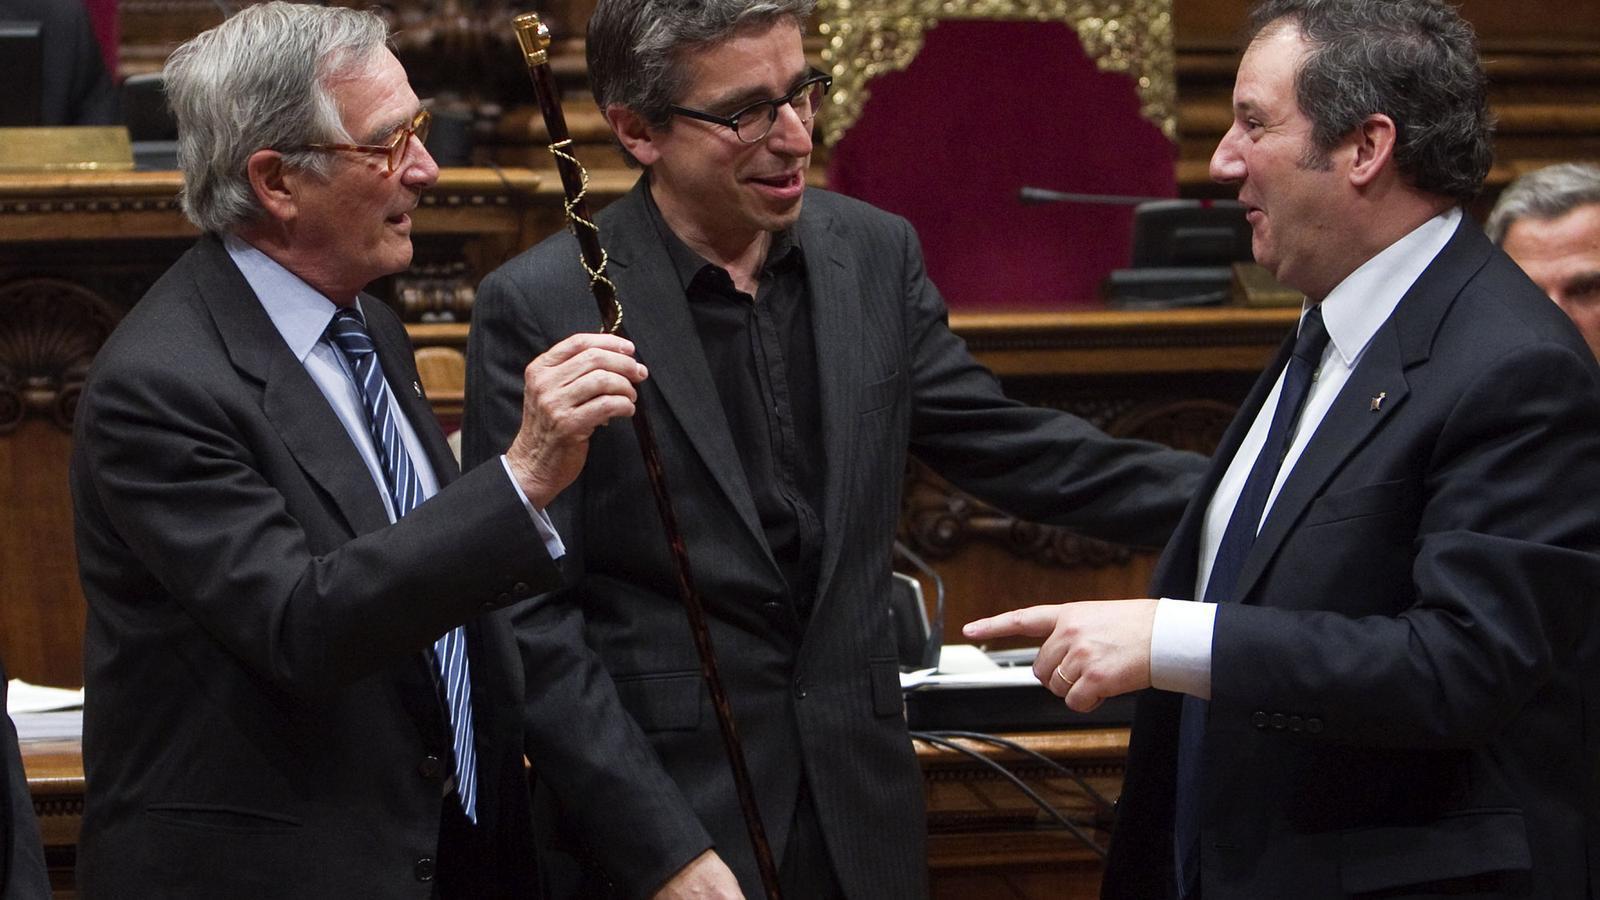 CANVI POLÍTIC  Jordi Martí va agafar el relleu de Jordi Hereu al PSC de Barcelona i ara treballa amb CiU per acostar posicions i tancar acords.